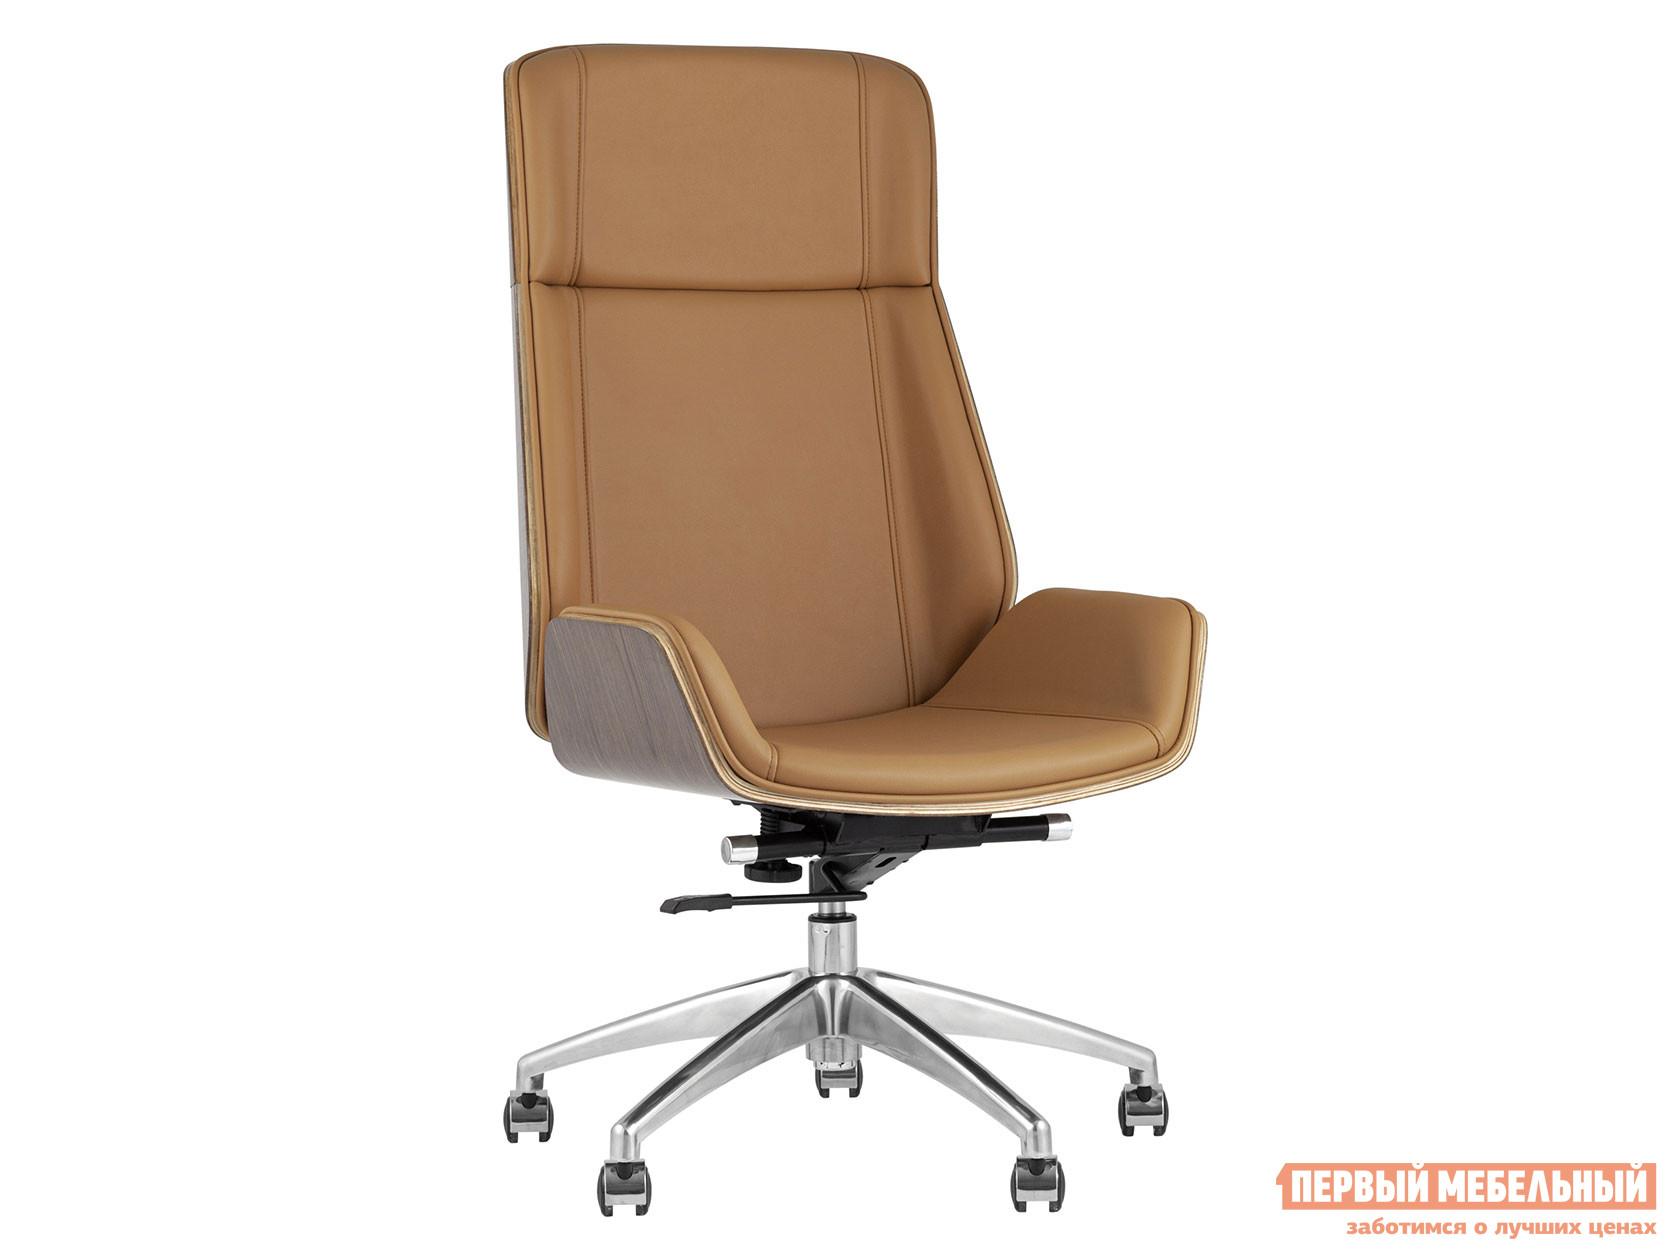 Кресло руководителя Stool Group Кресло руководителя TopChairs Crown